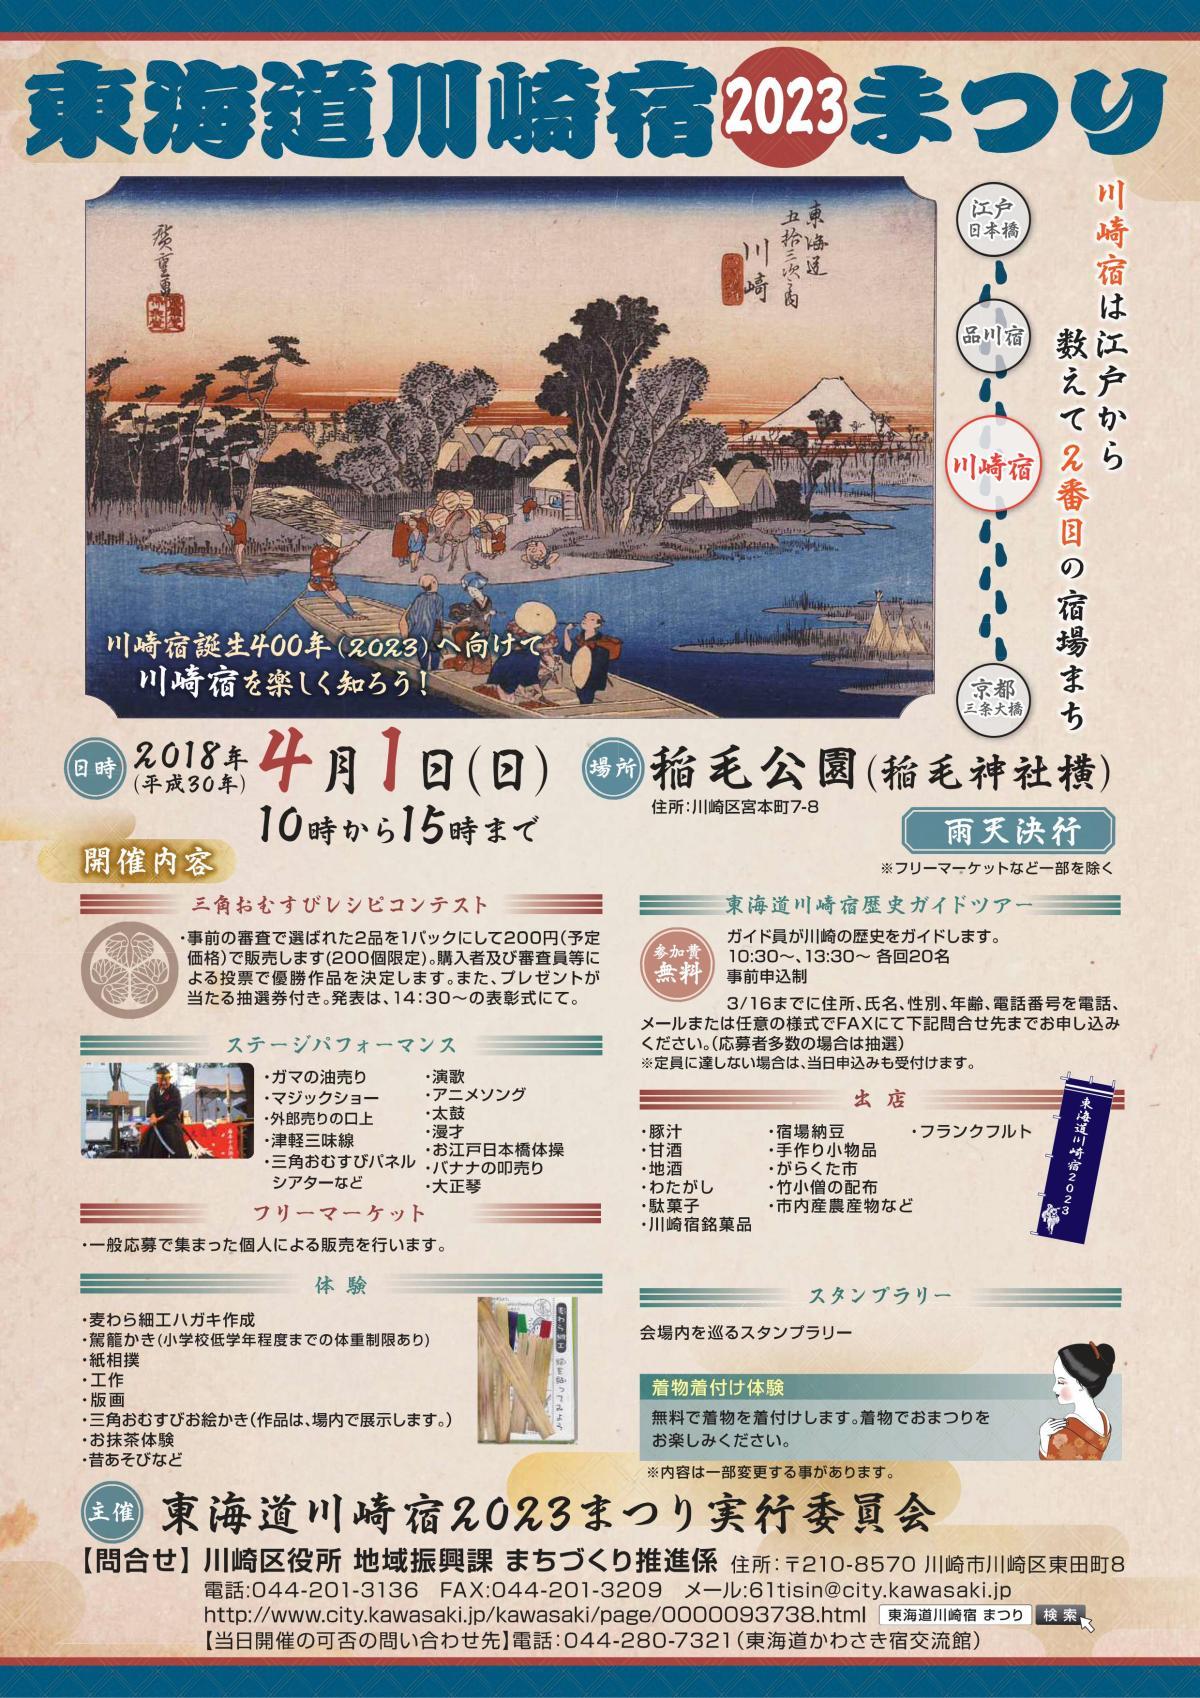 川崎宿誕生400年(2023)へ向けて川崎宿を楽しく知ろう!東海道川崎宿2023まつり